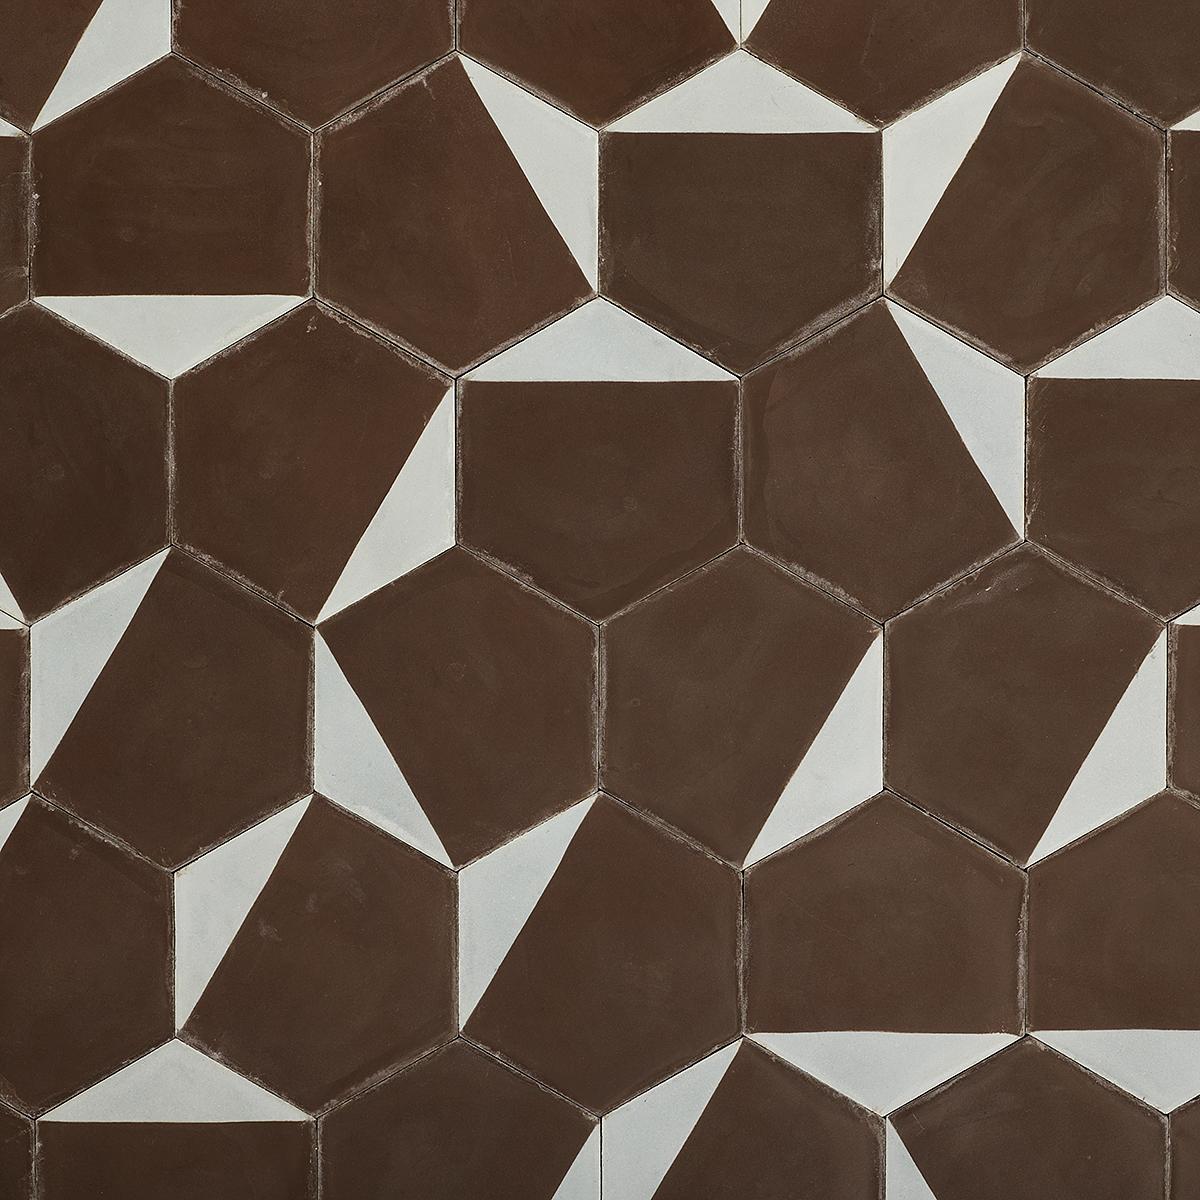 Marrakech Design Is An Encaustic Cement Tile Brand